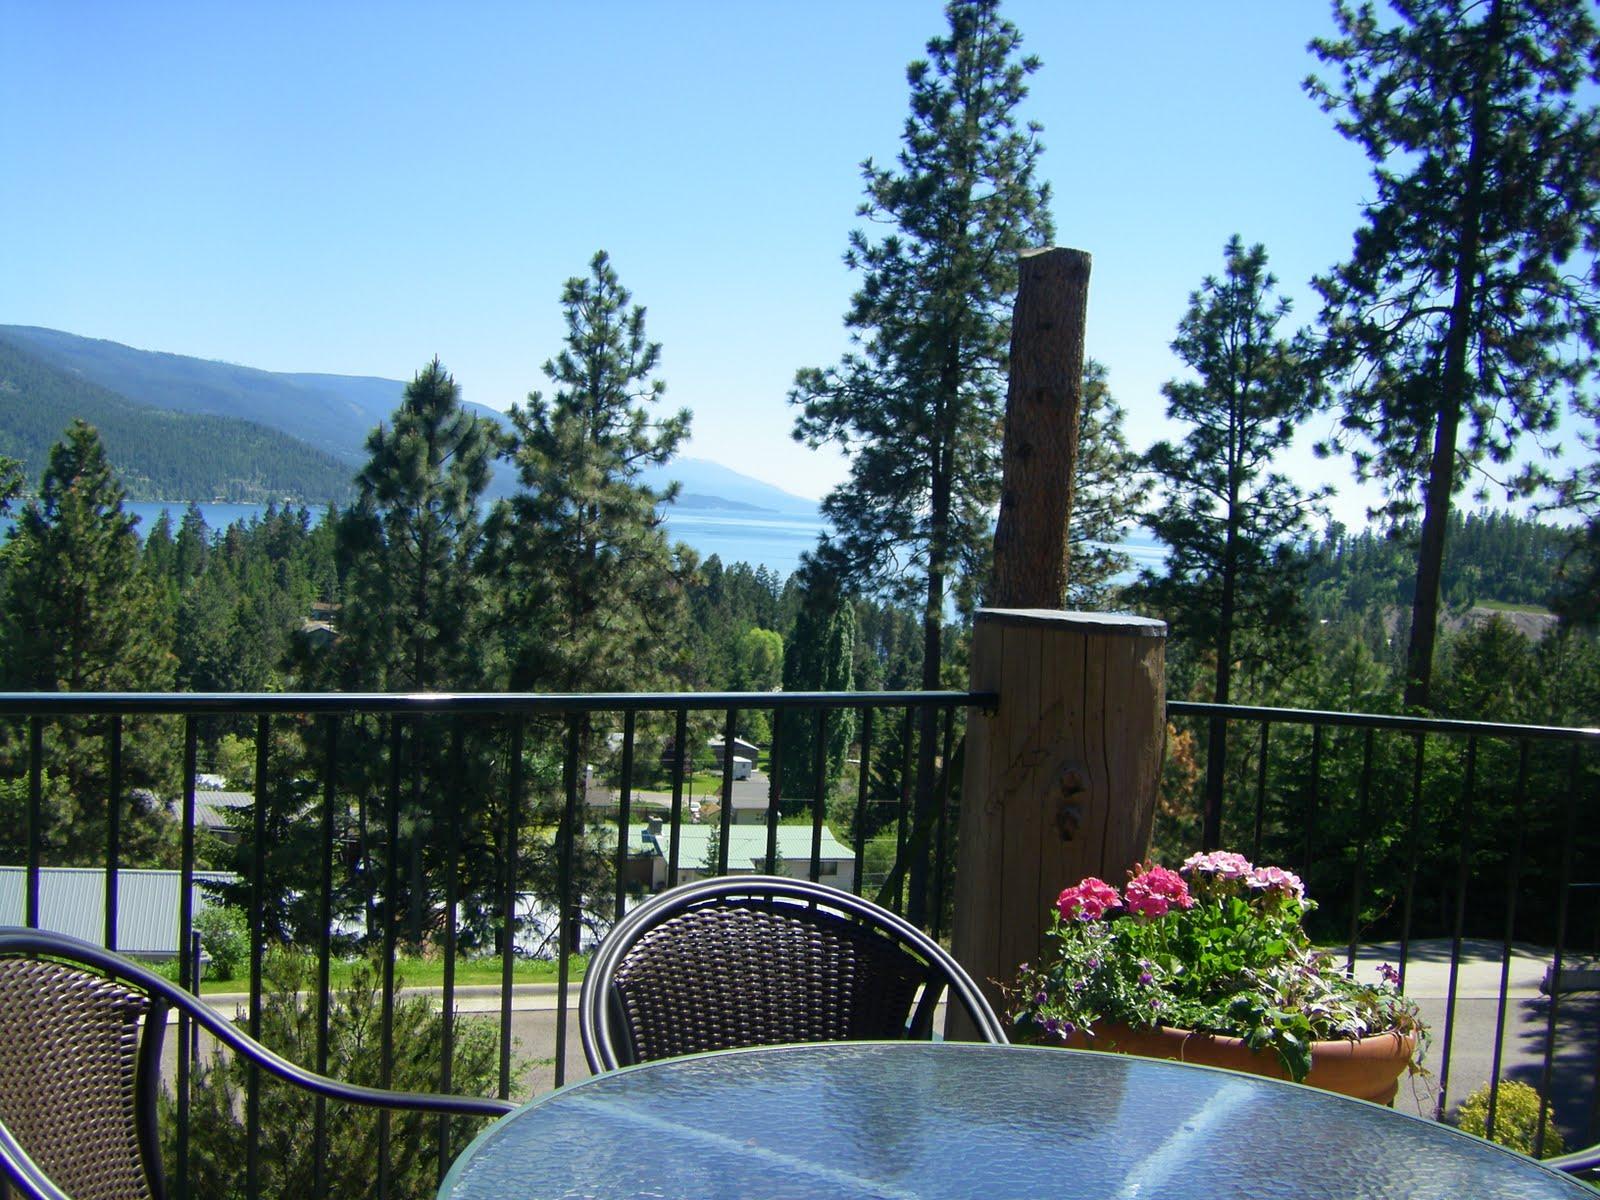 Bigfork Mountain Lake Lodge July 2010